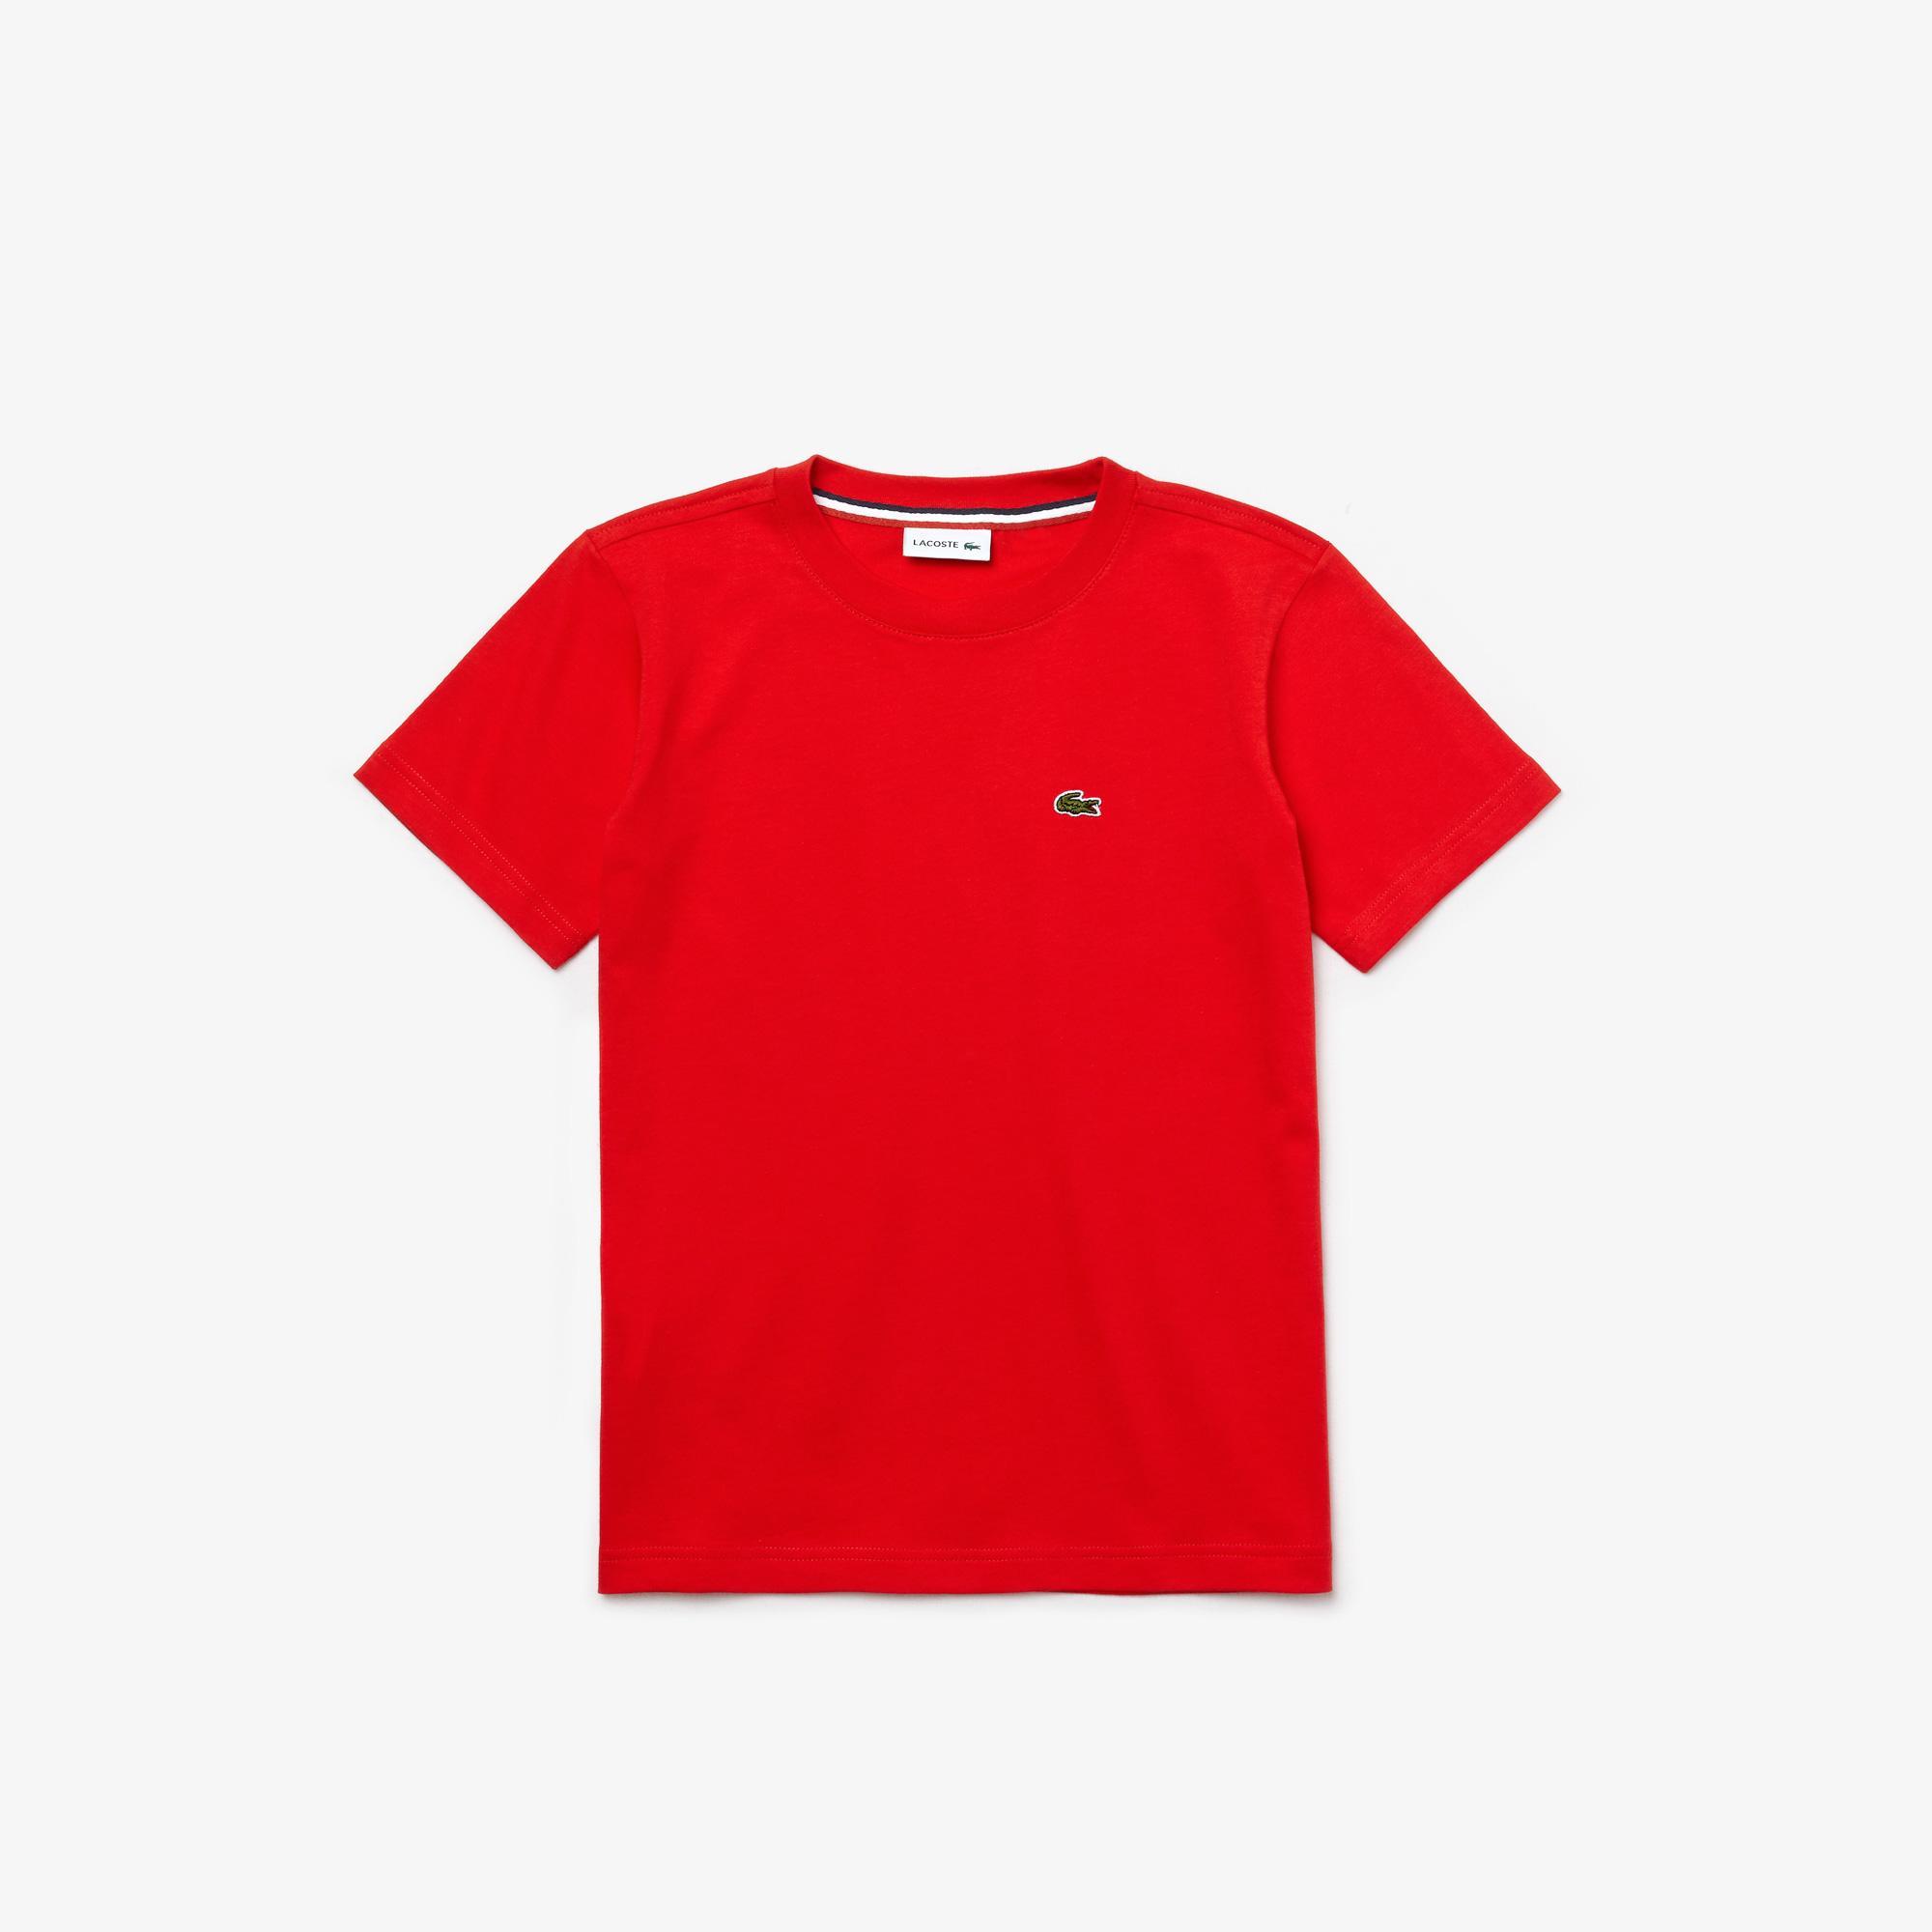 Lacoste Children's T-Shirt